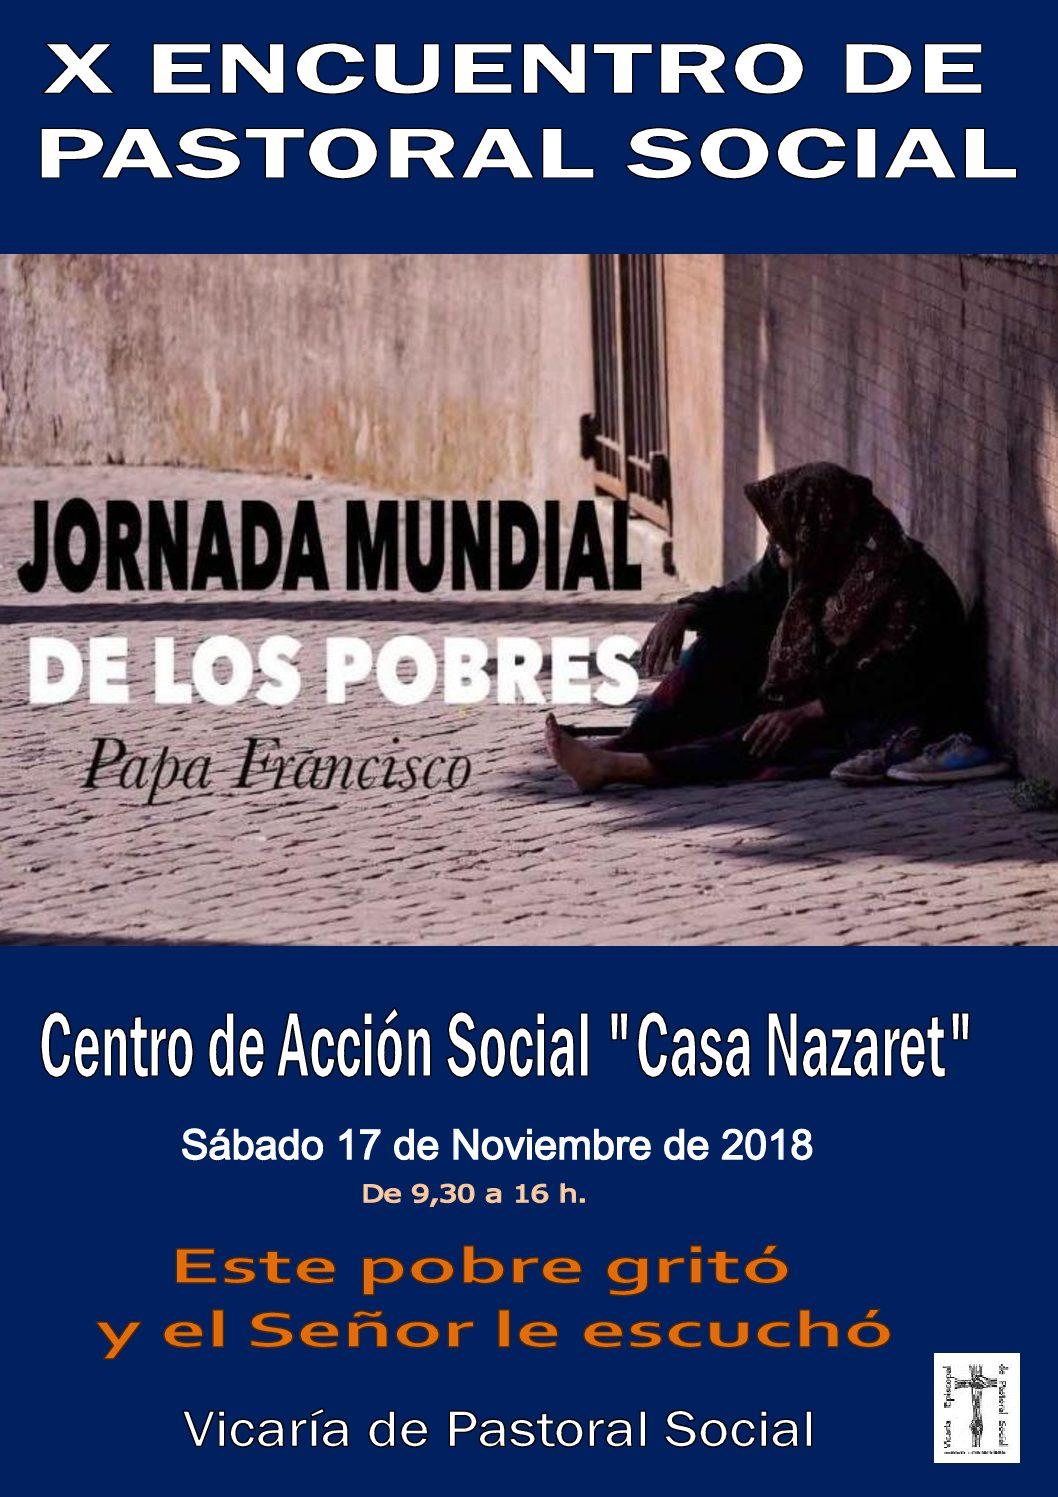 X Encuentro de Pastoral Social